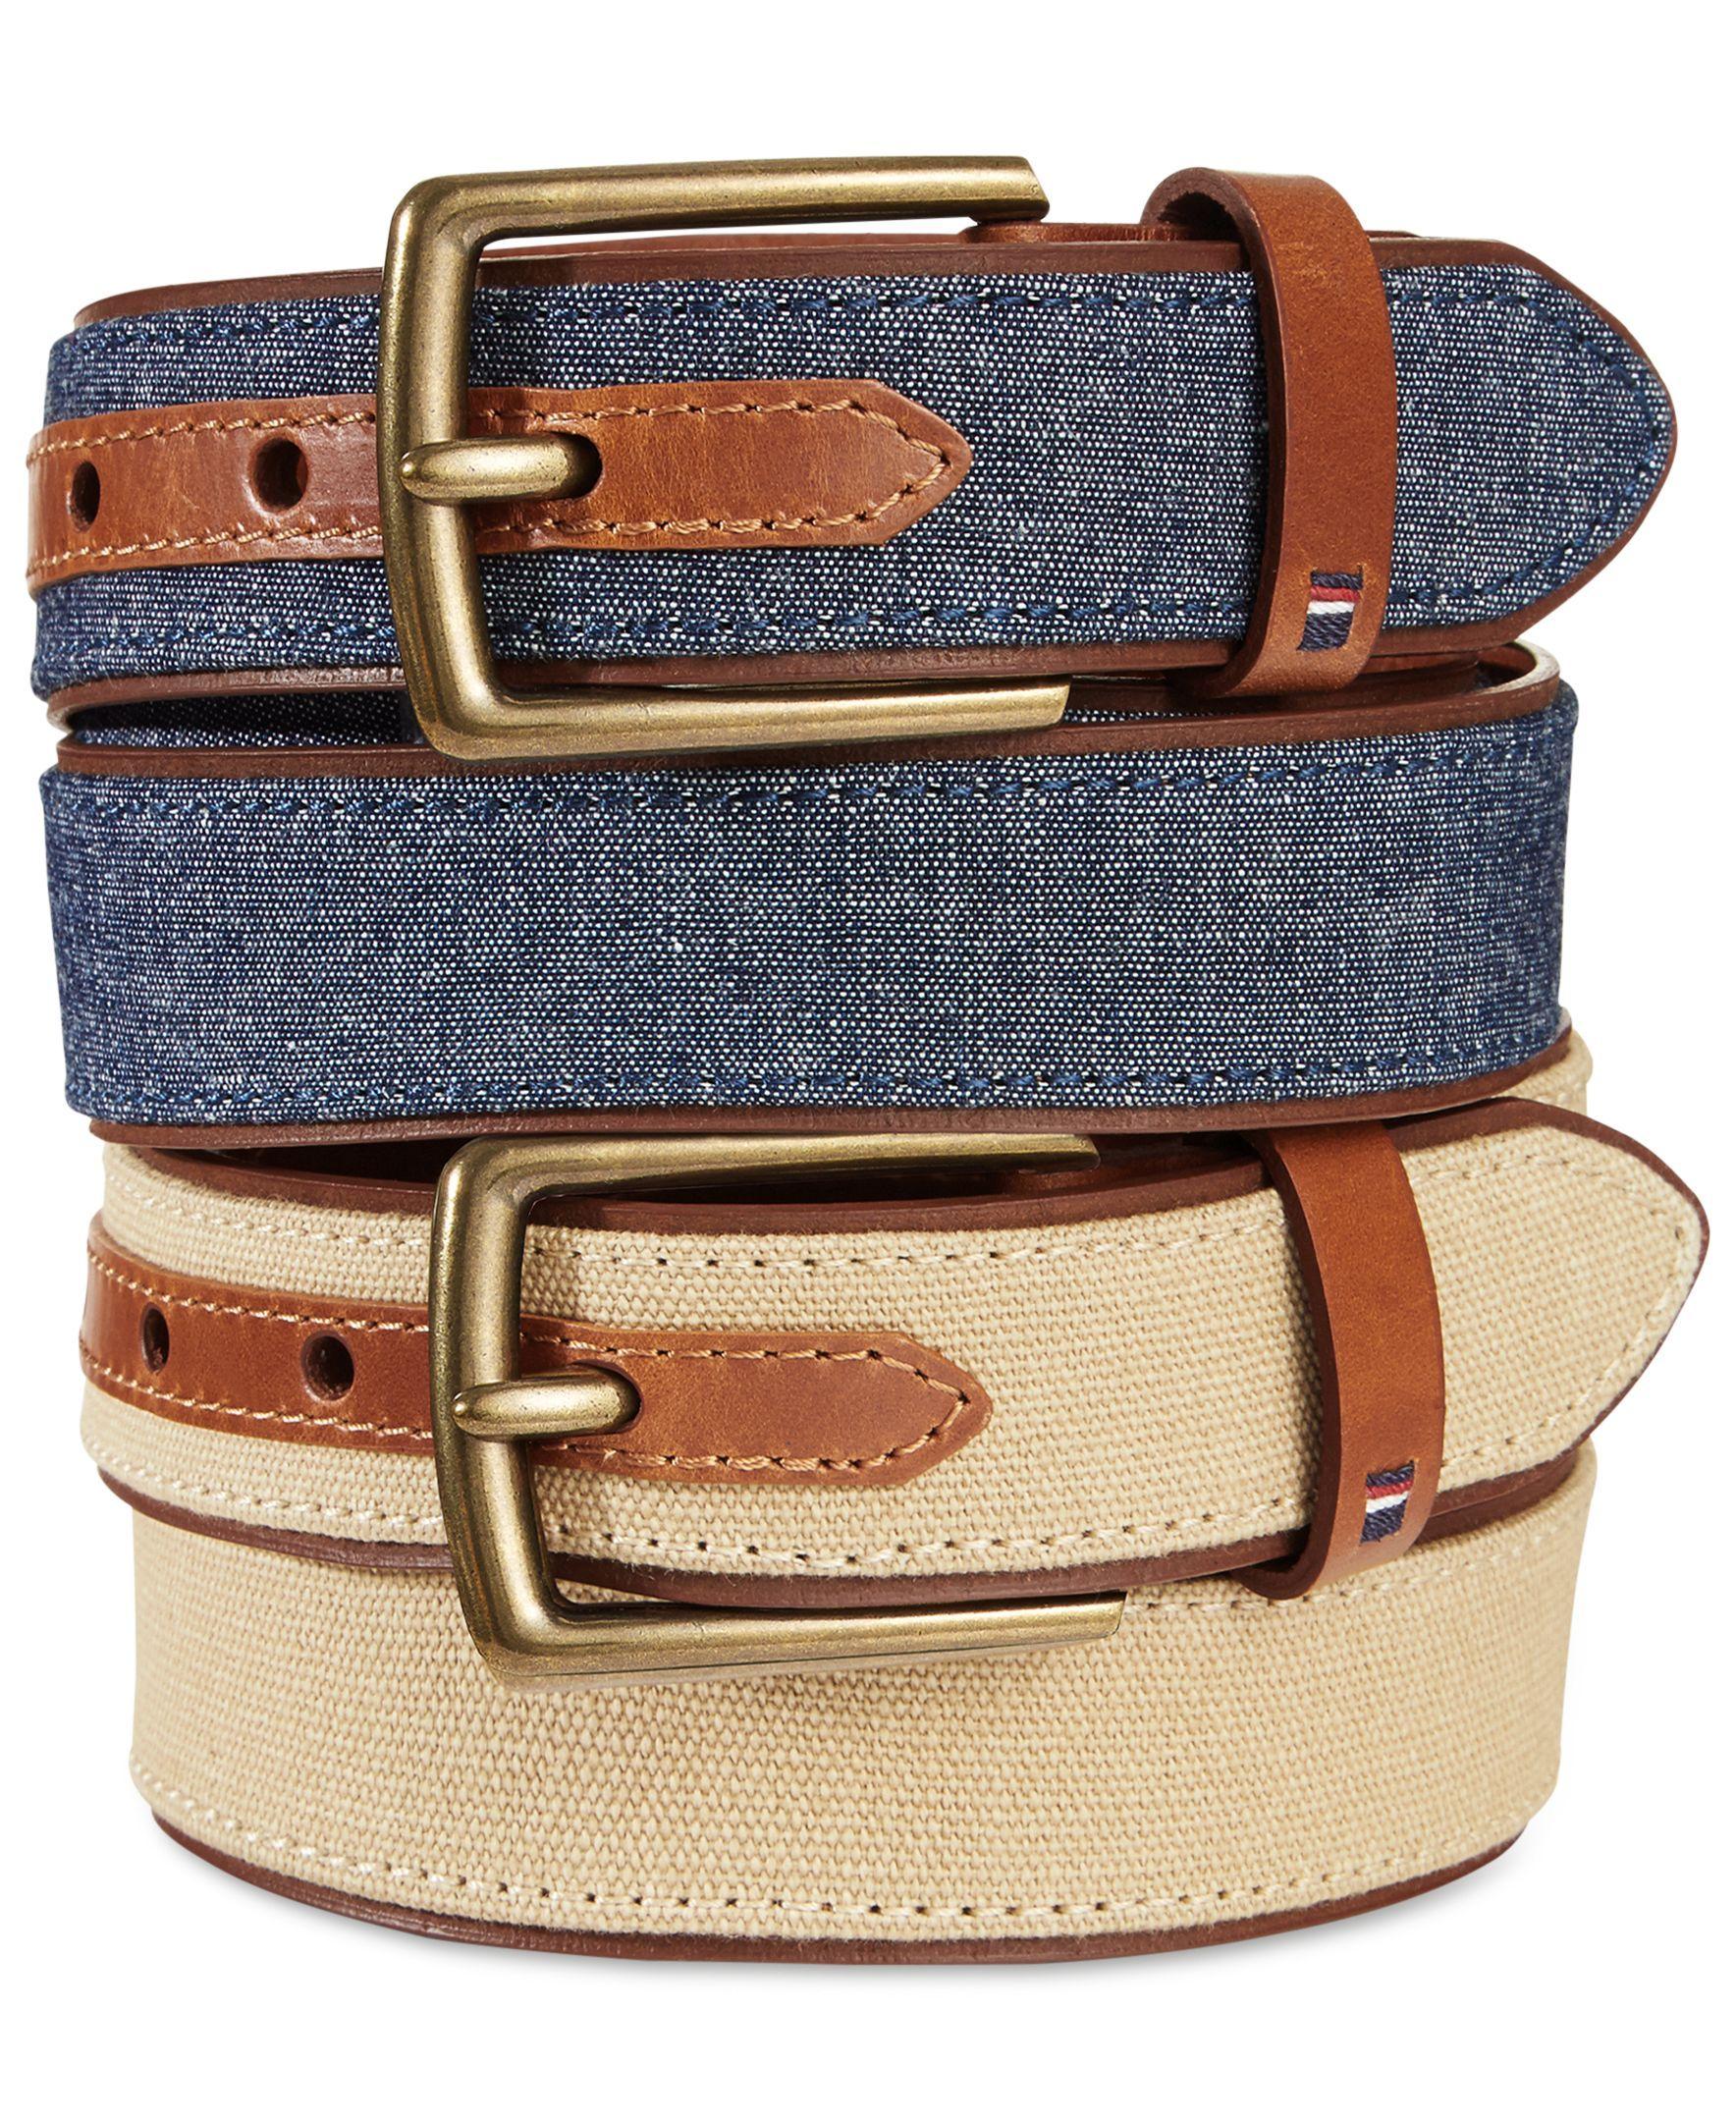 Tommy Hilfiger Canvas Belt Cintos masculinos, Cinto de couro